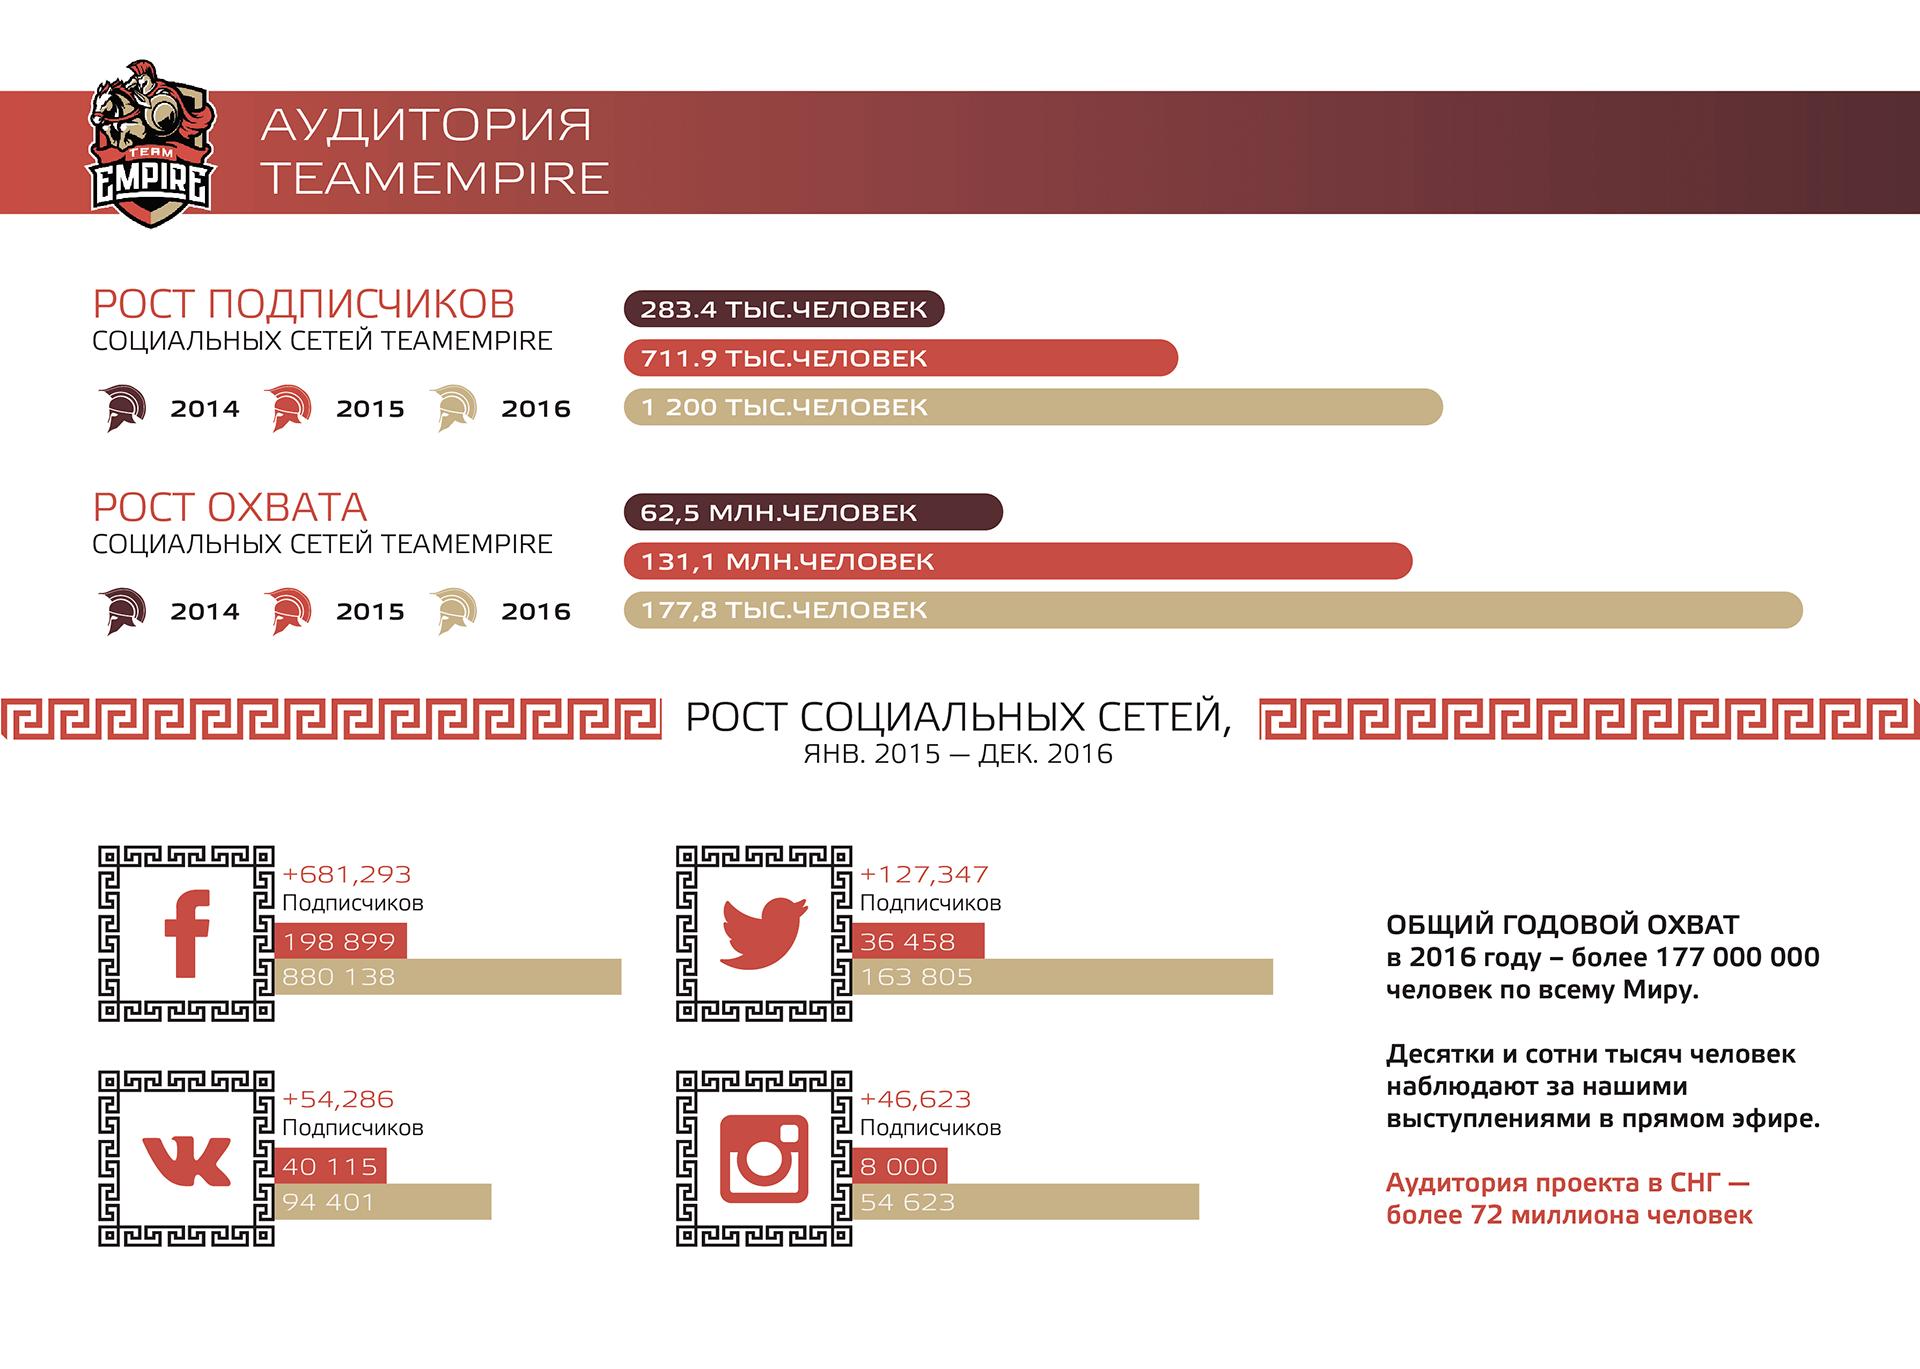 Презентация для спонсоров образец, как сделать, скачать пример pdf